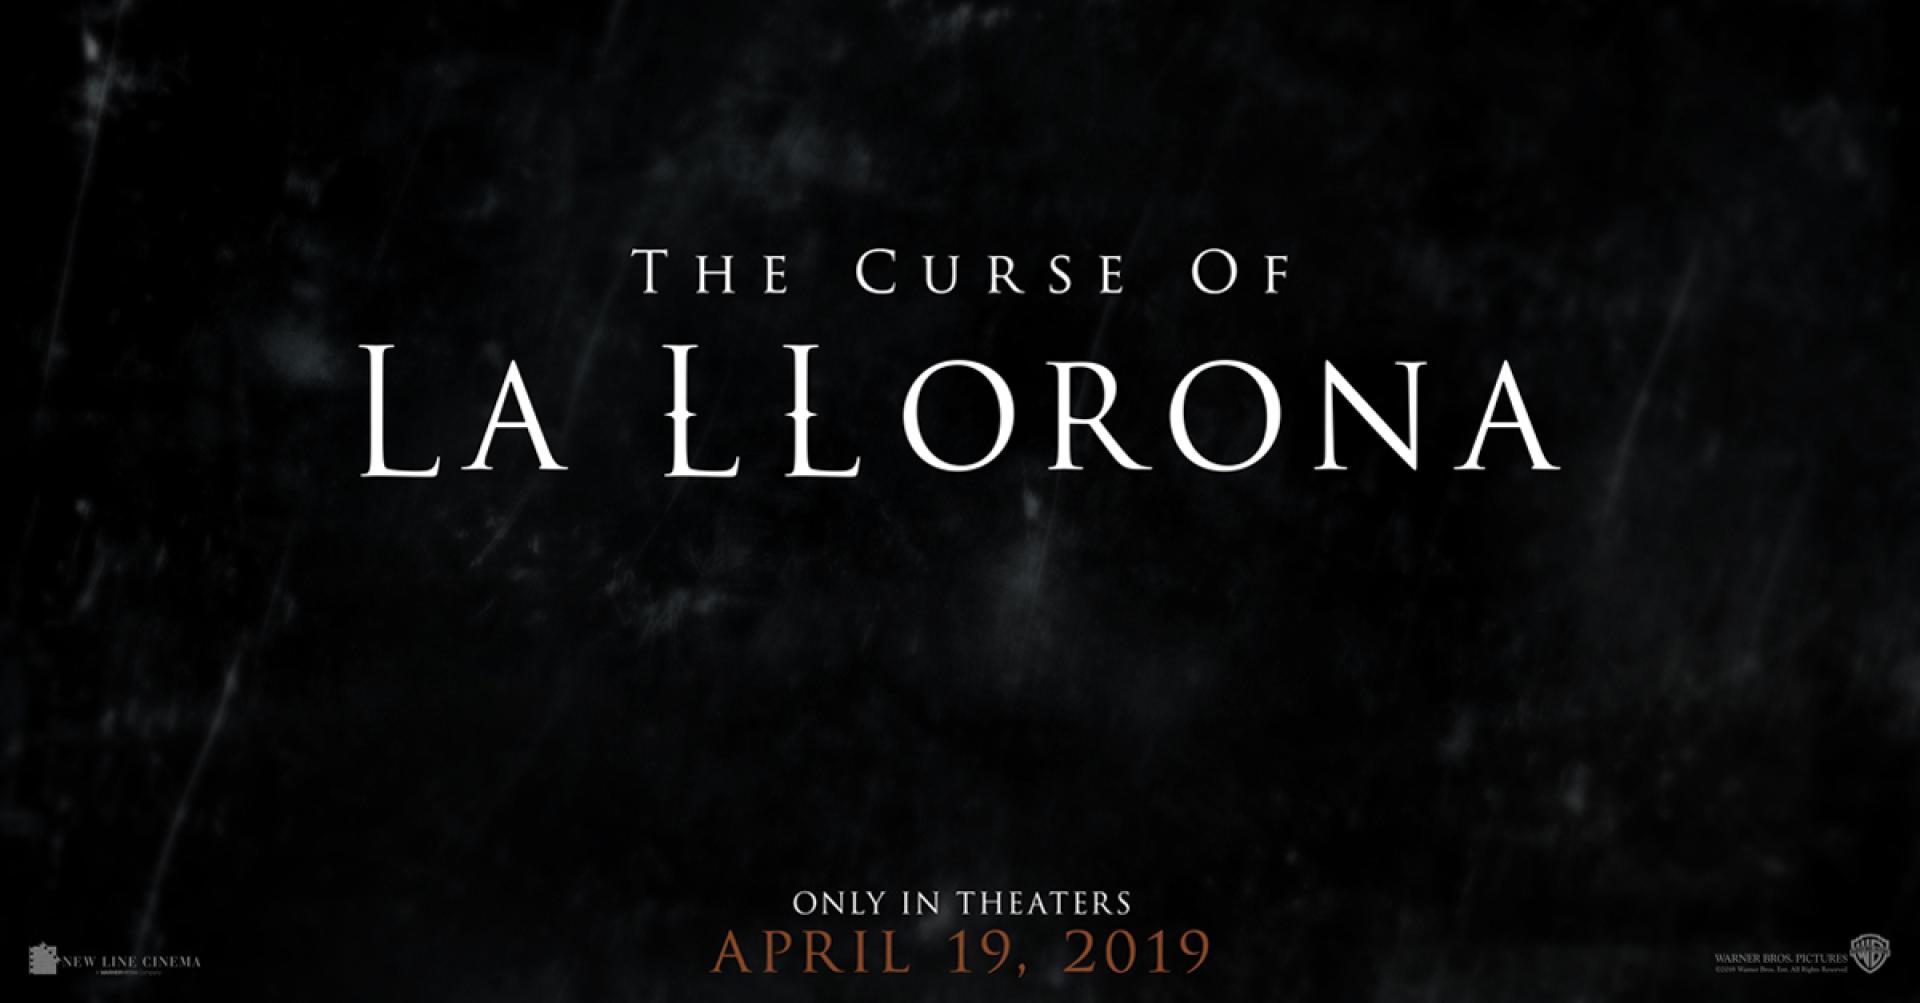 Megérkezett a The Curse of La Llorona előzetese